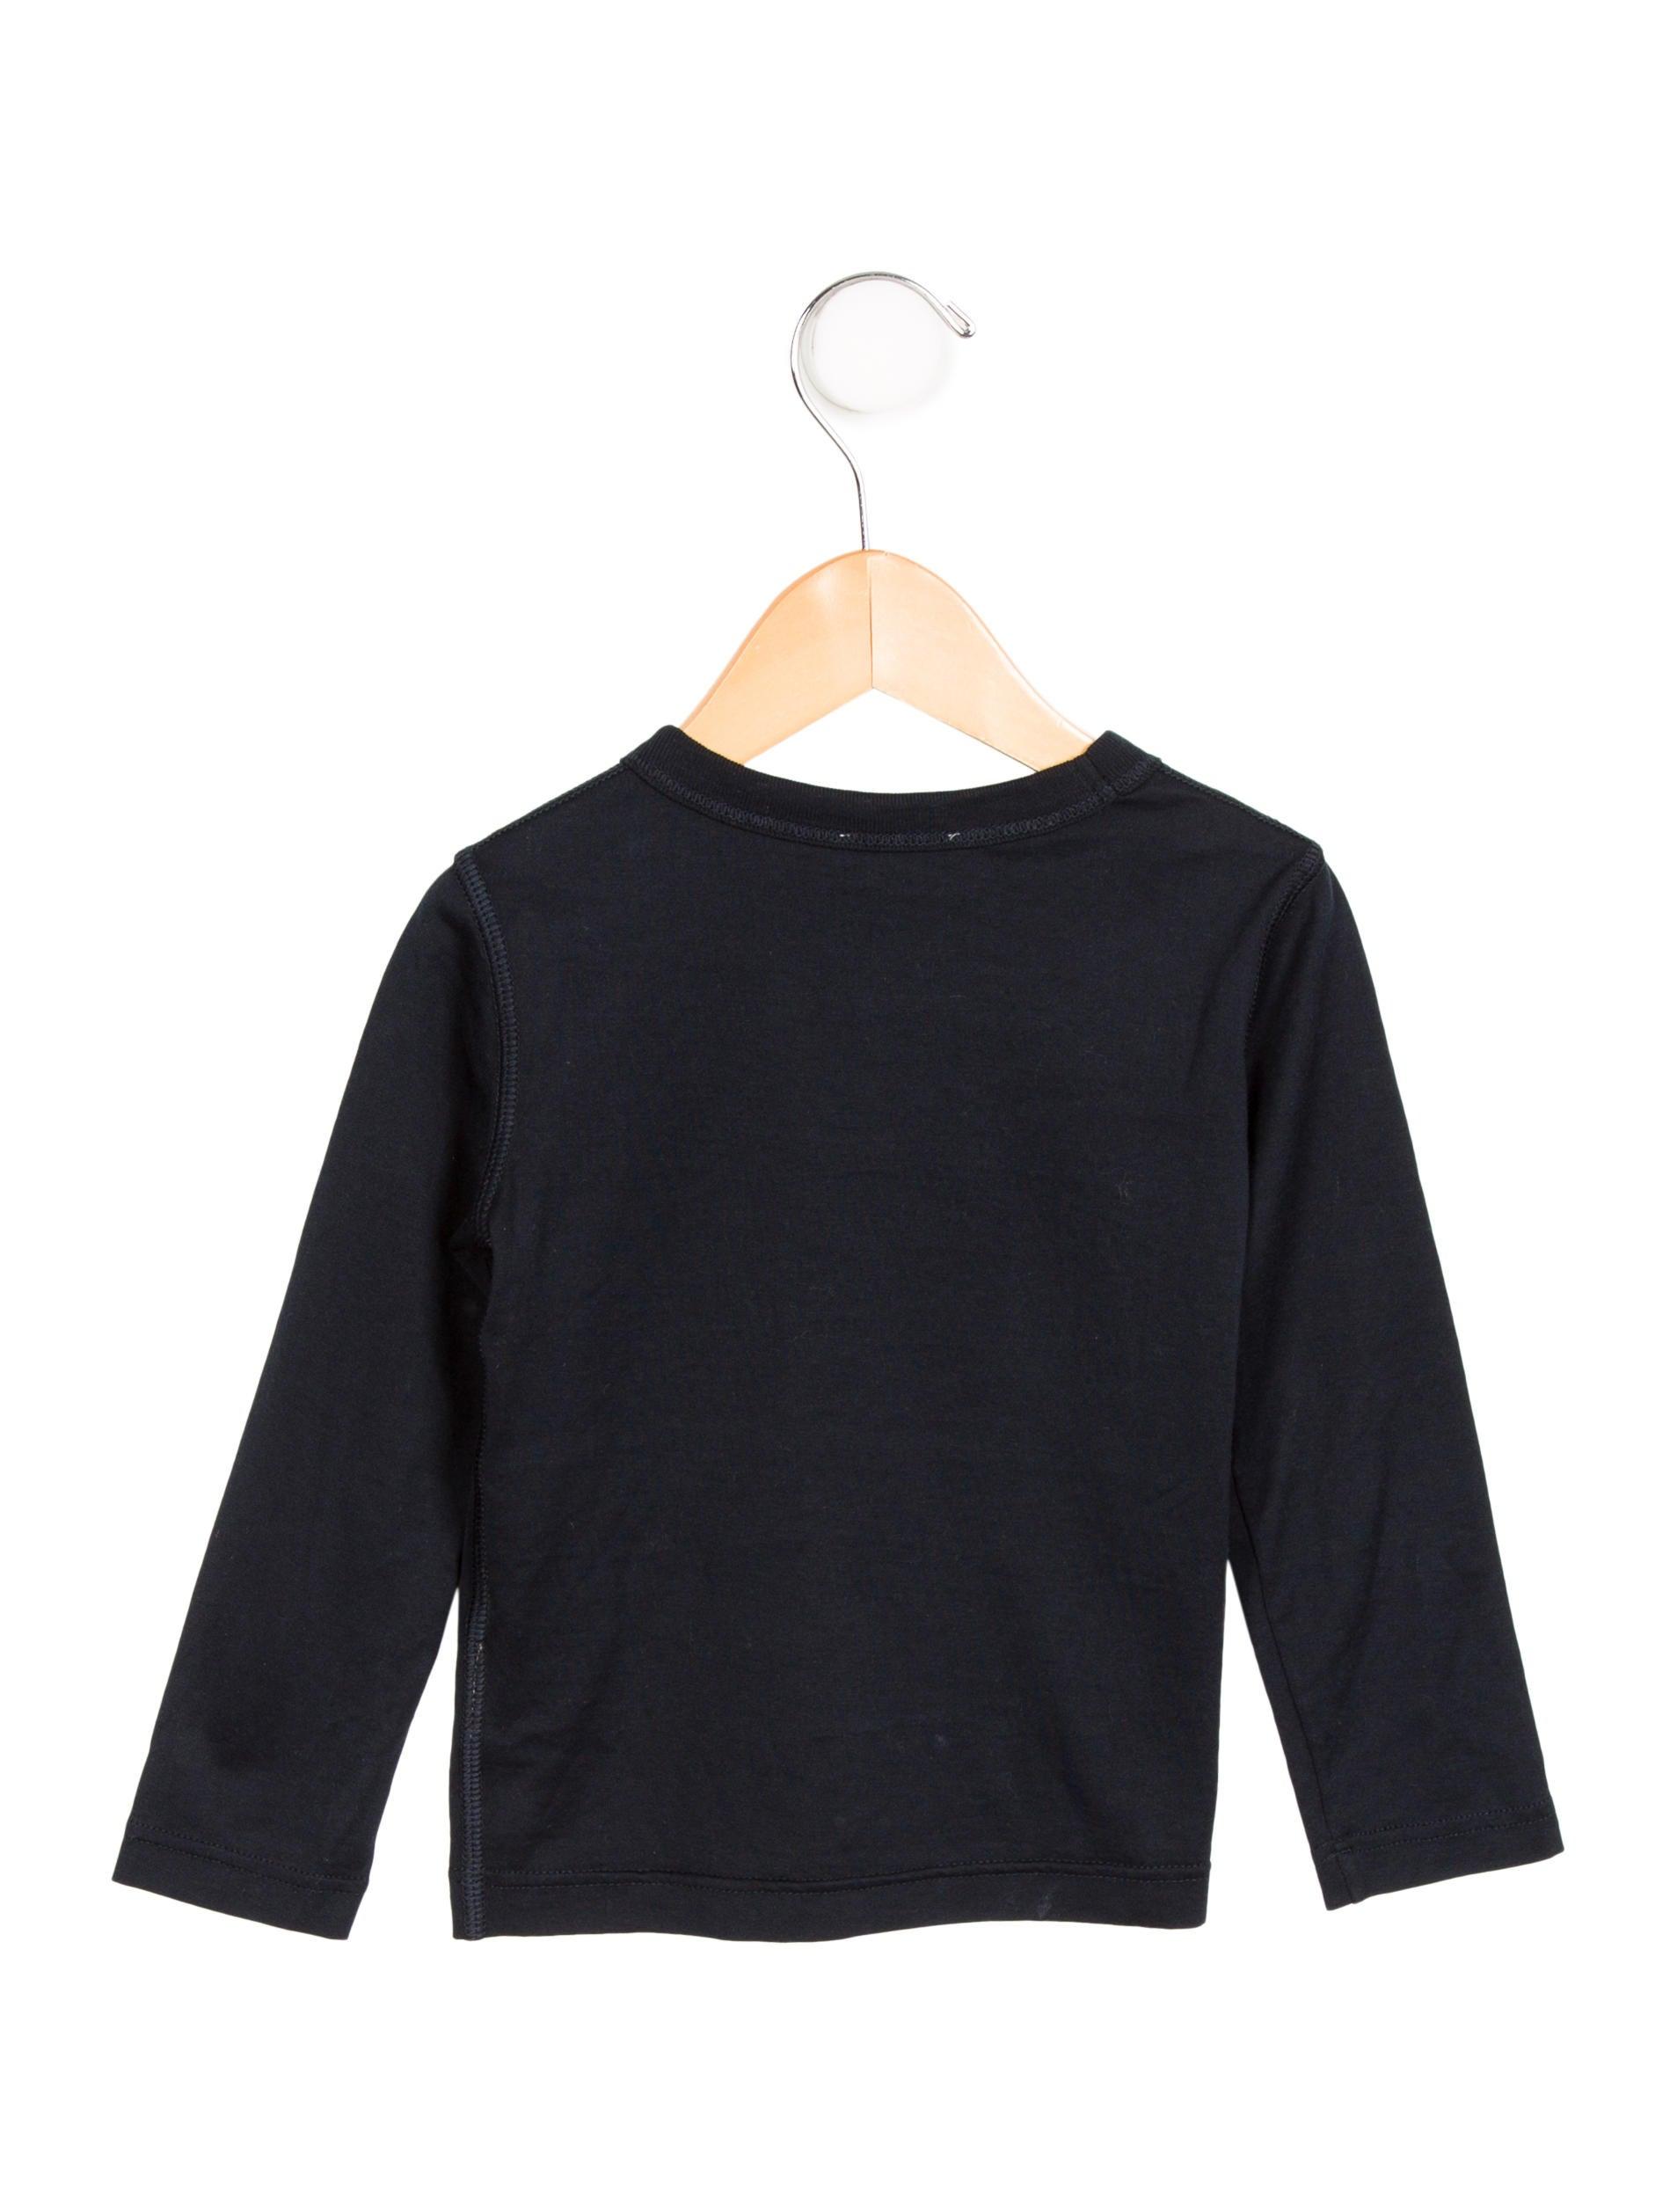 D g boys 39 long sleeve scoop neck shirt boys wdg34319 for Long sleeve scoop neck shirt